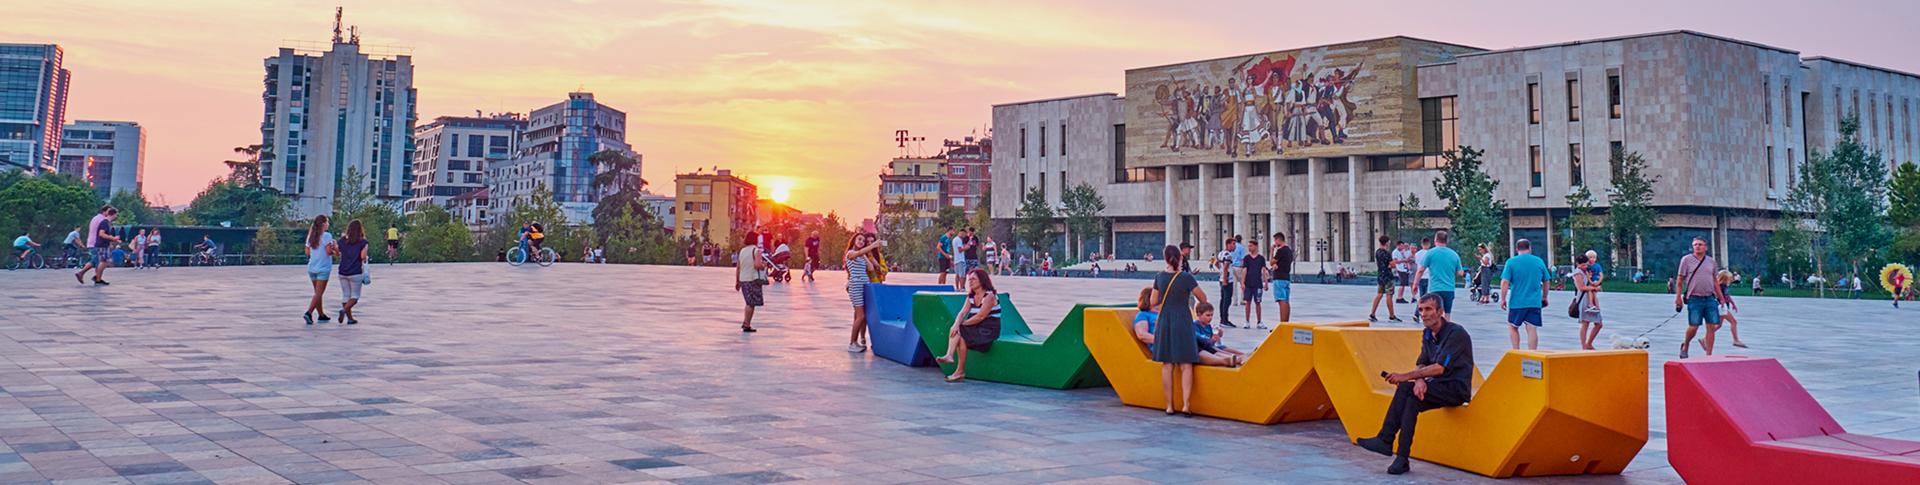 Piazza Skanderbeg Tirana